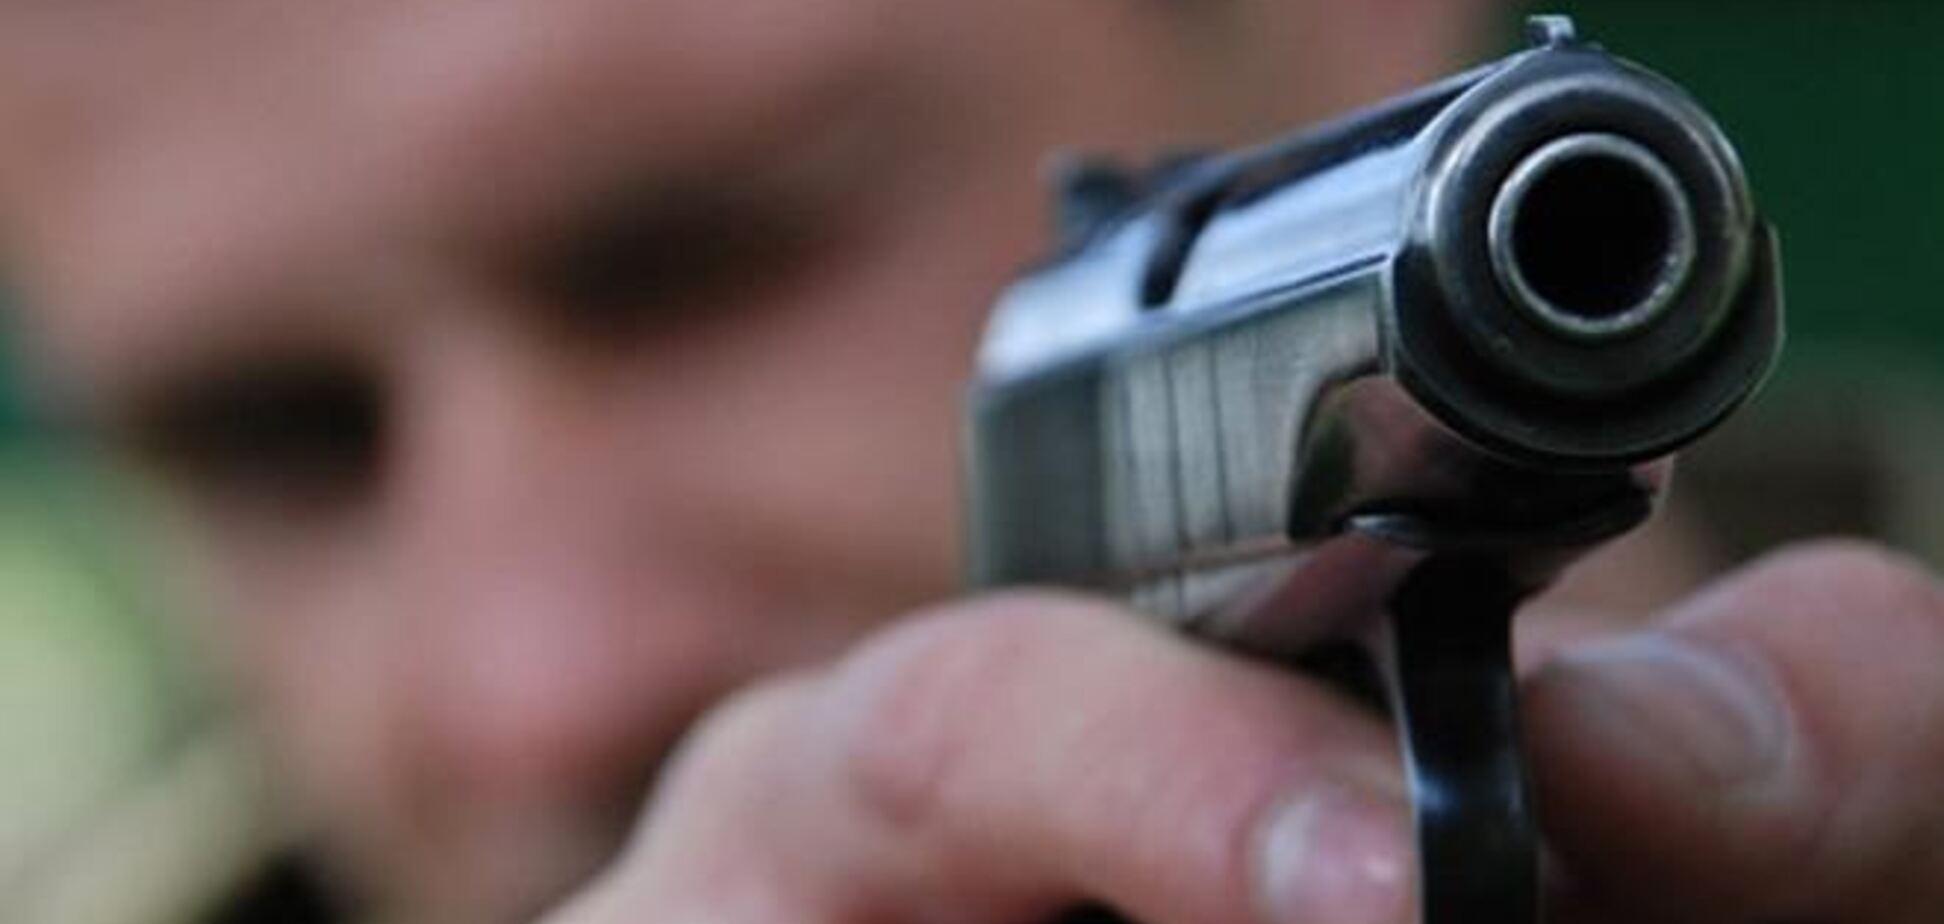 МВД сообщает о вооруженном нападении на химзавод в Донецке